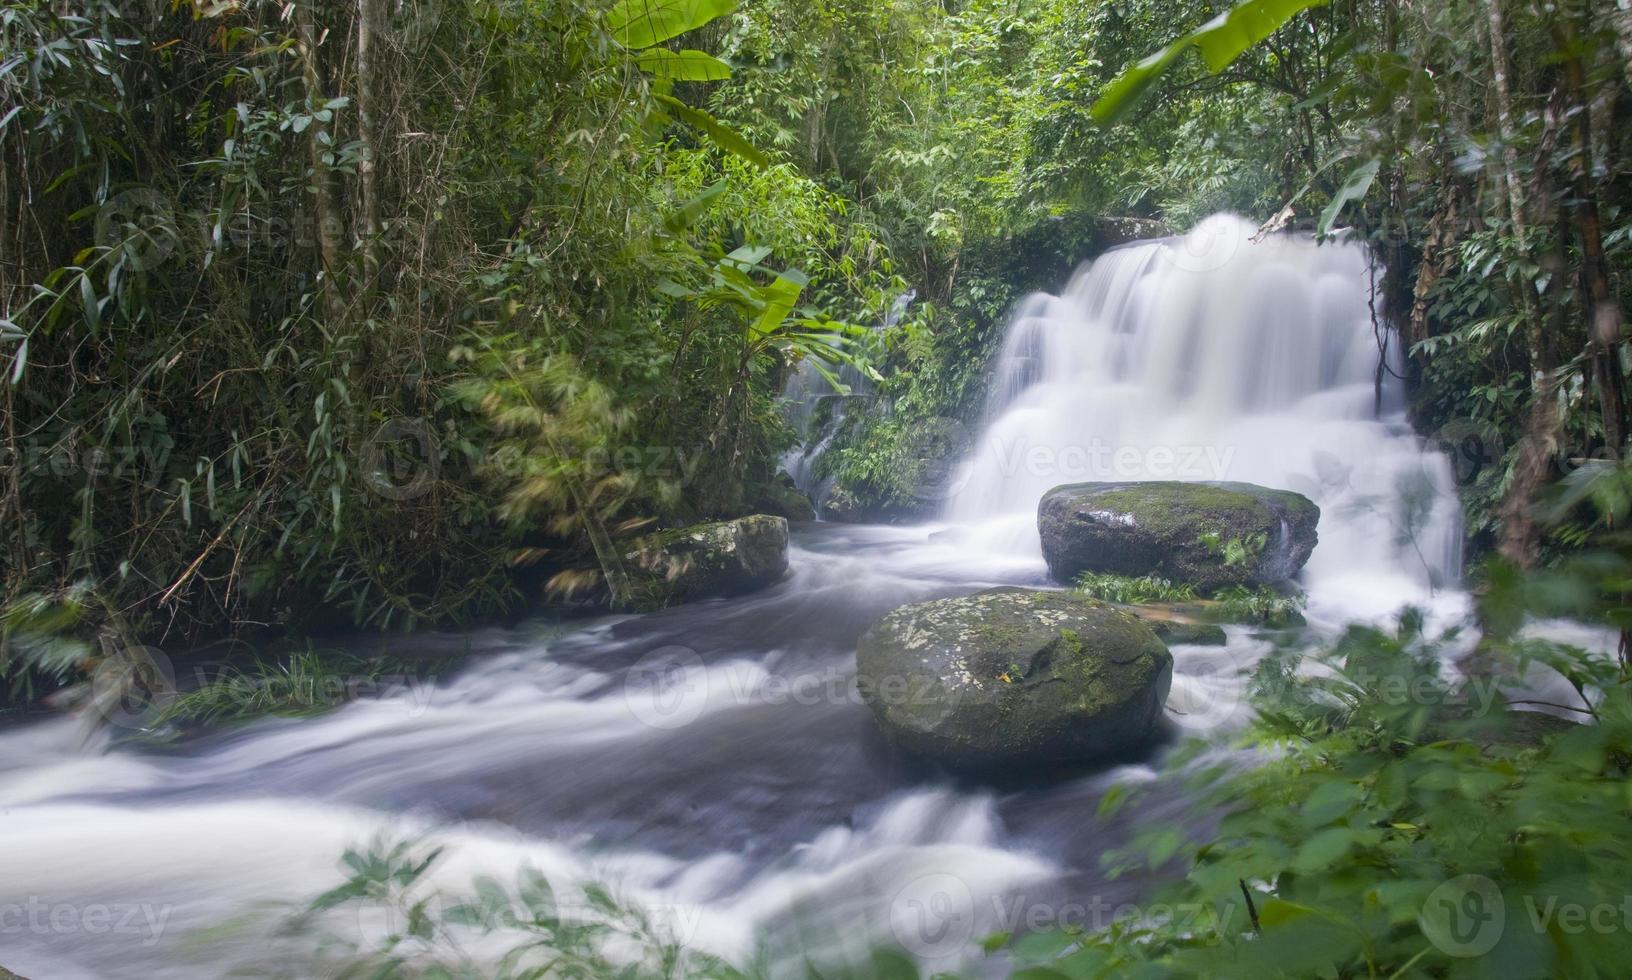 Chute d'eau dans la jungle de la forêt tropicale profonde photo